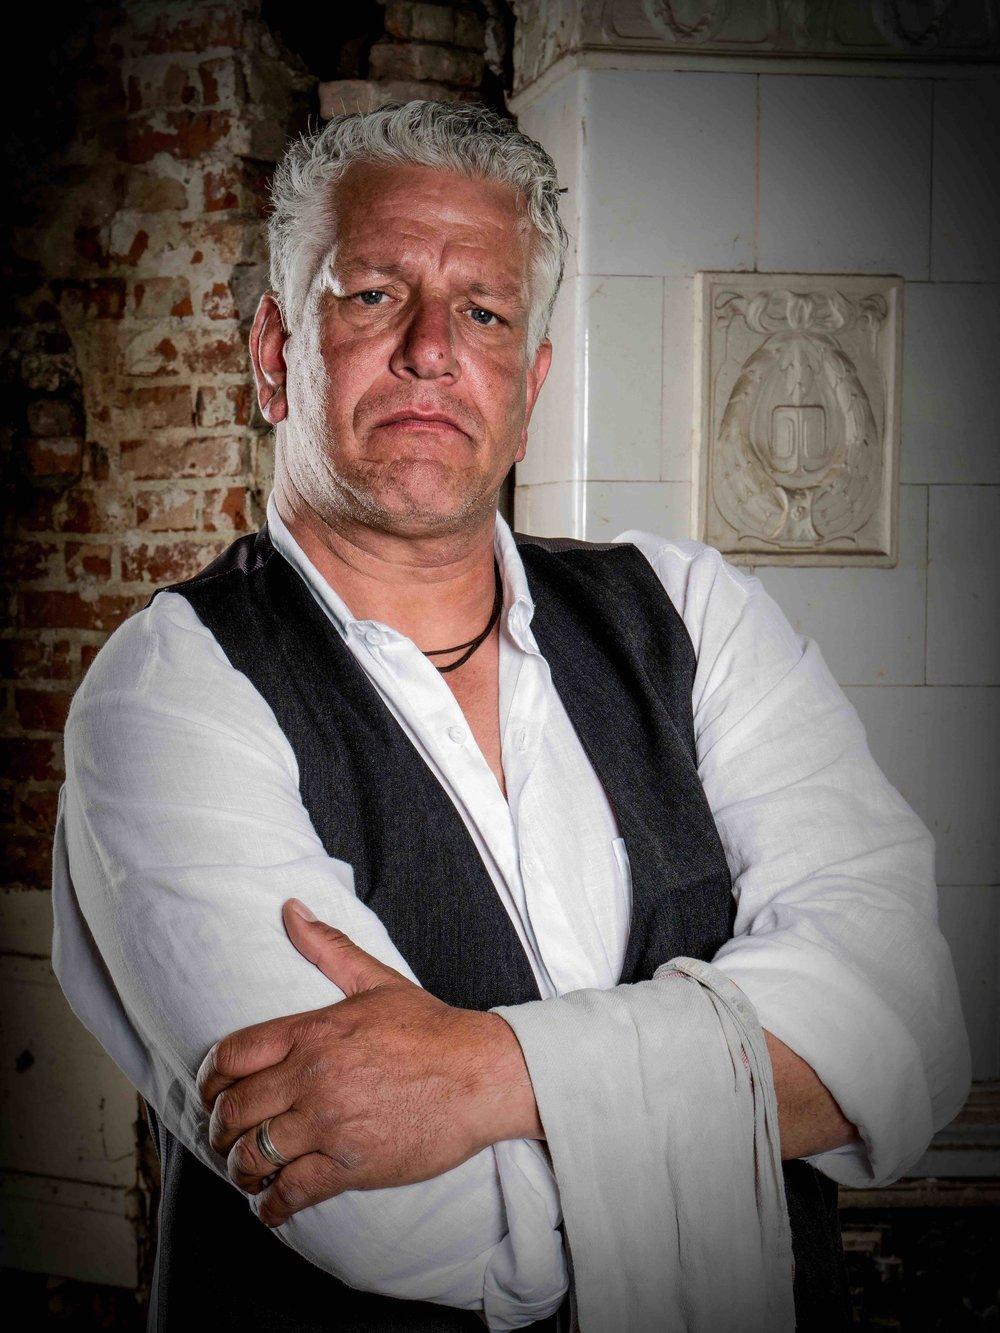 John-Patric Baetke - Jede gute Kneipe braucht auch einen guten Kellner! Seine Spezialität: Hamburger Gedeck.